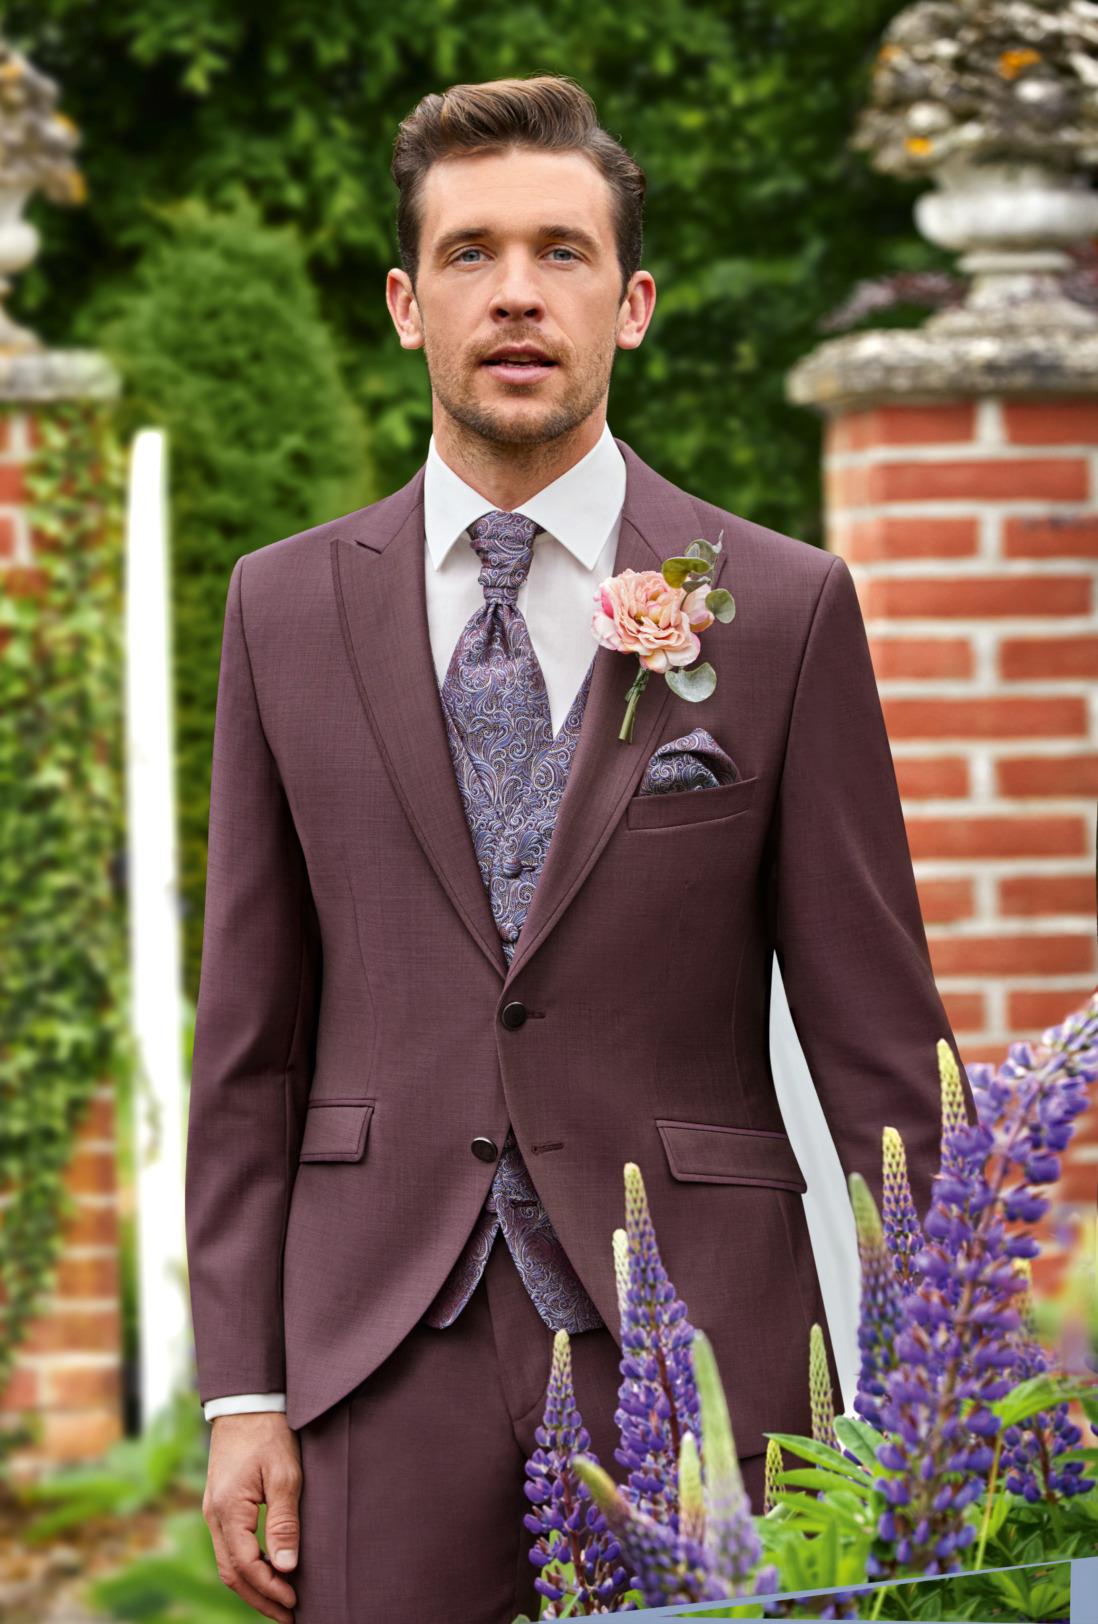 Wilvorst After Six Hochzeitsanzug Männer Mode Bräutigam klassische Form bordeaux rot wil_0121_kam_as-look-3_1